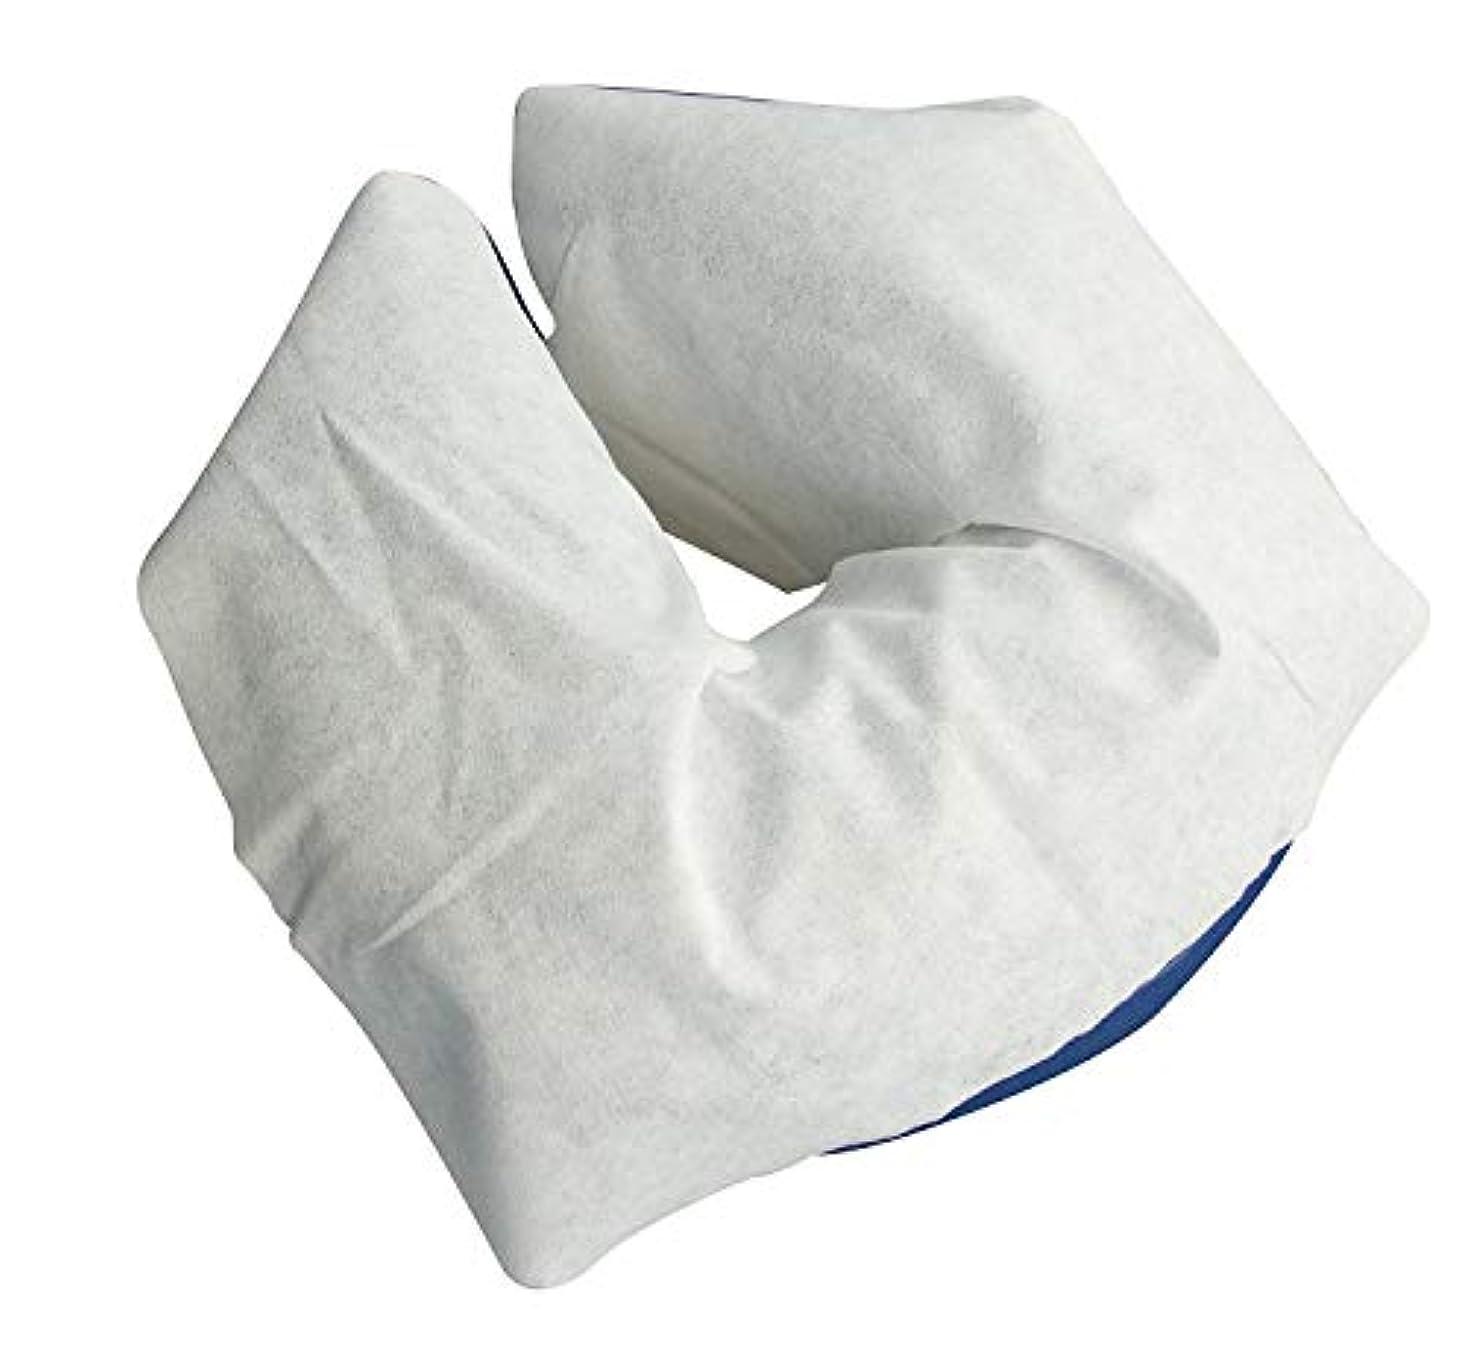 現象対角線崩壊Umora U字 ピローシート 使い捨てマクラカバー 業務用 美容 サロン 100%綿 柔軟 厚手(100枚)